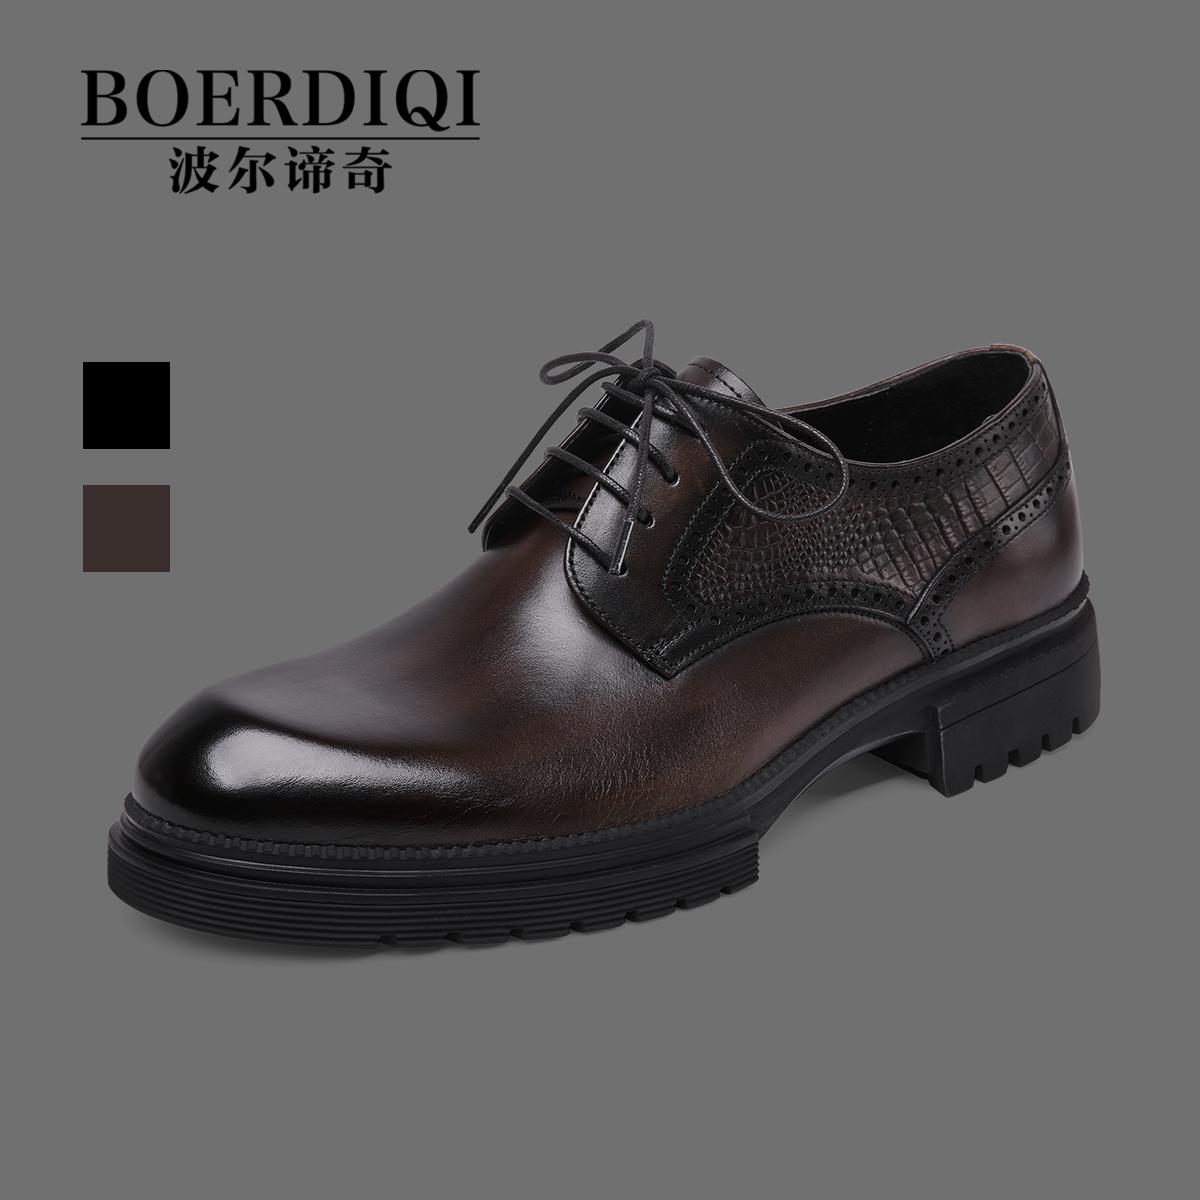 ハイエンドカスタムビジネススーツ本革男性靴2021新型牛革イギリス男性カジュアル靴